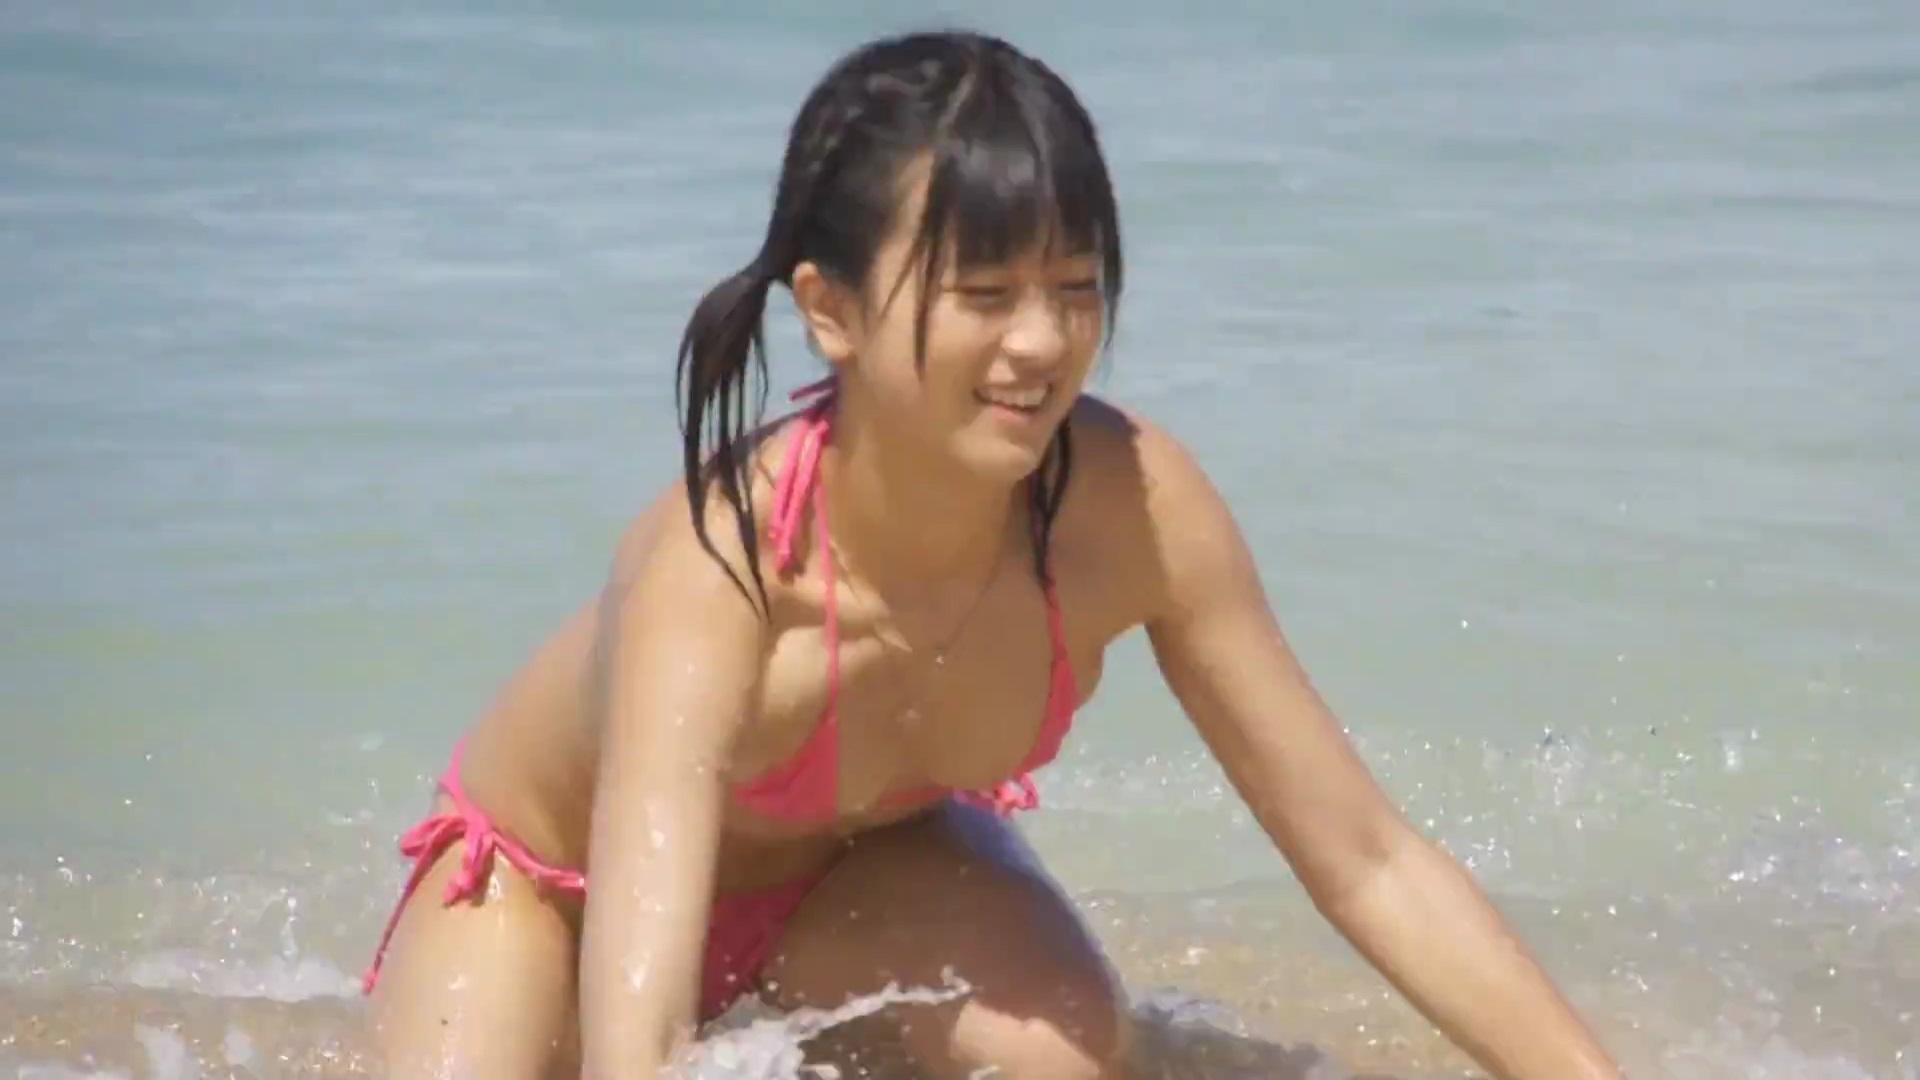 田中みすずのイメージビデオ「美少女は純真JC~全開ビキニで…16歳~」キャプチャ画像